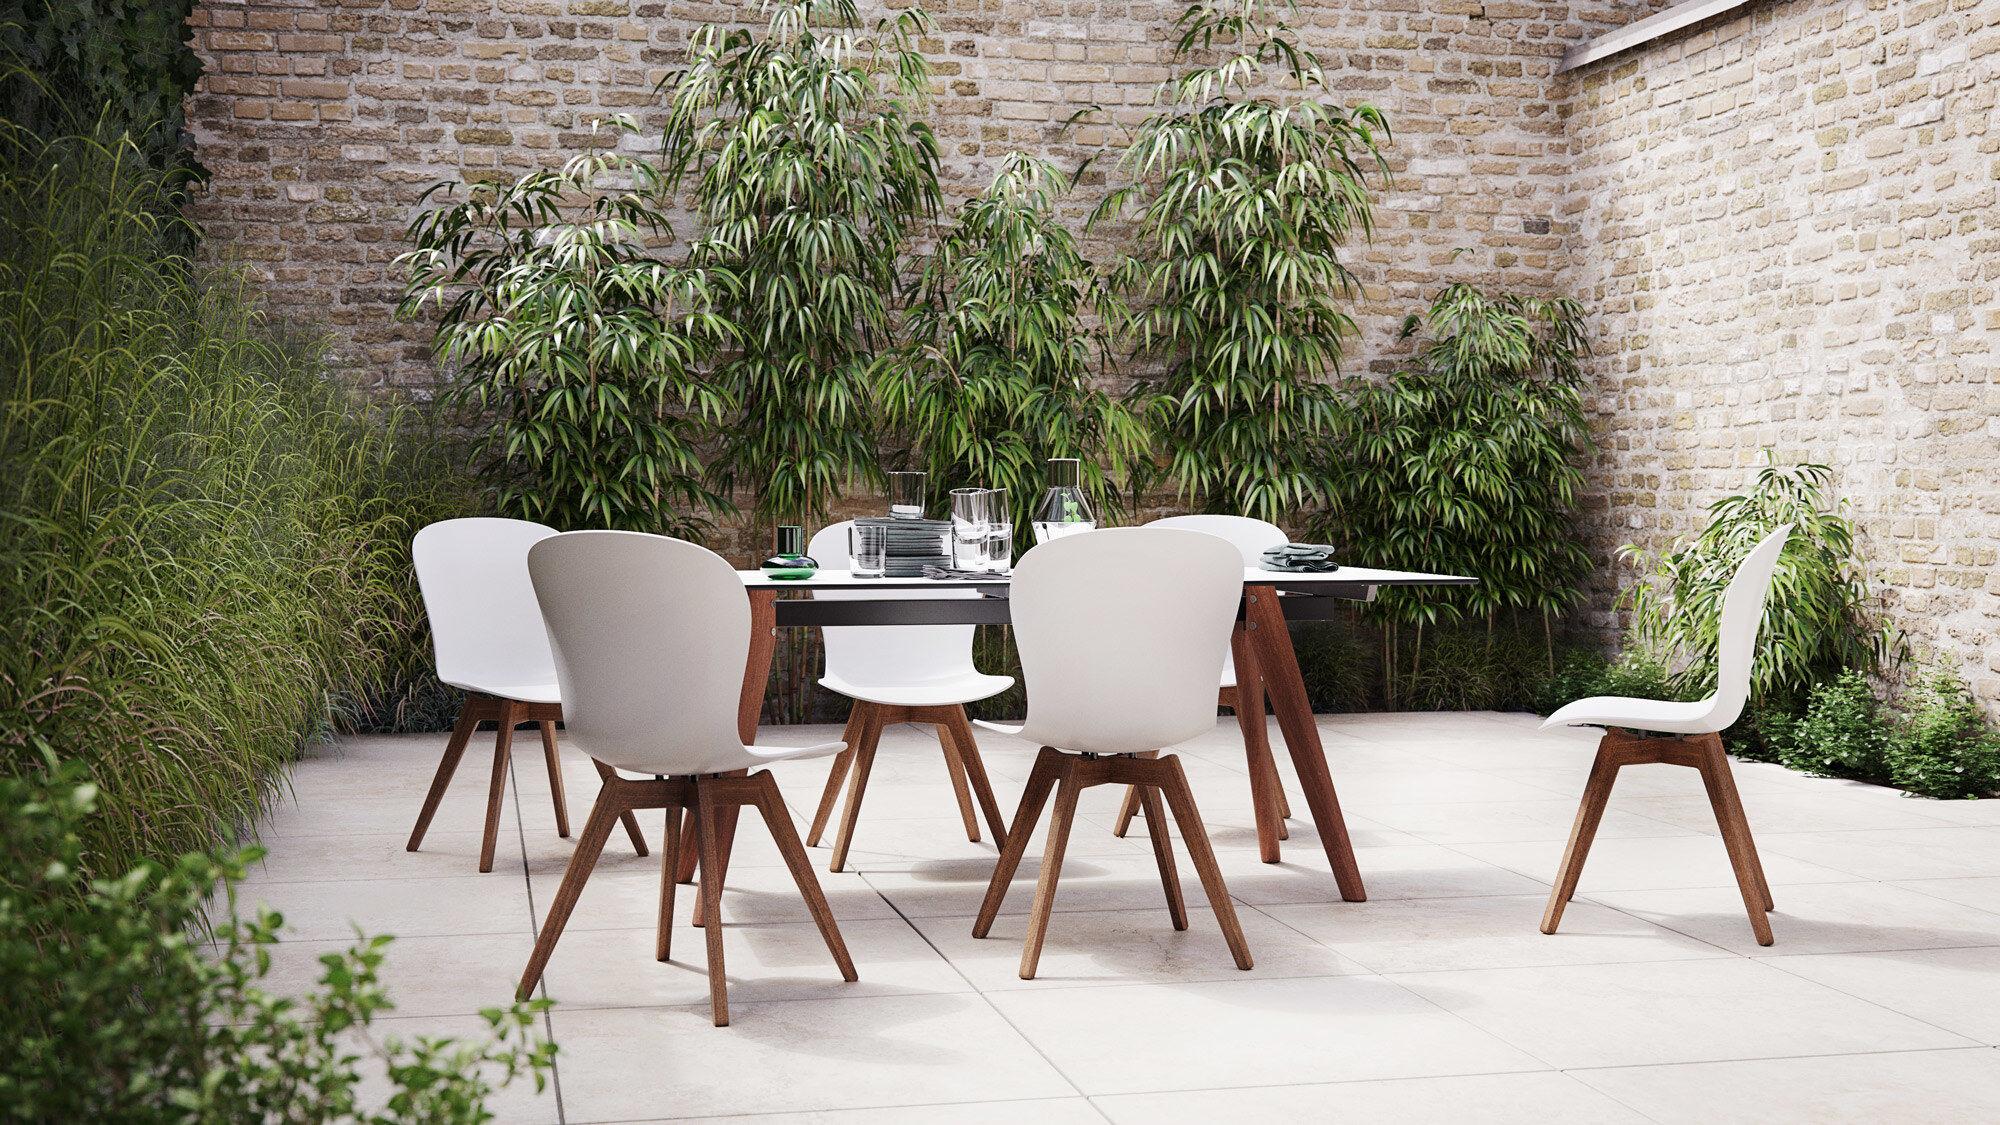 Έπιπλα τραπεζαρίας εξωτερικού χώρου - καρέκλα Adelaide (για χρήση σε εσωτερικούς και εξωτερικούς χώρους)